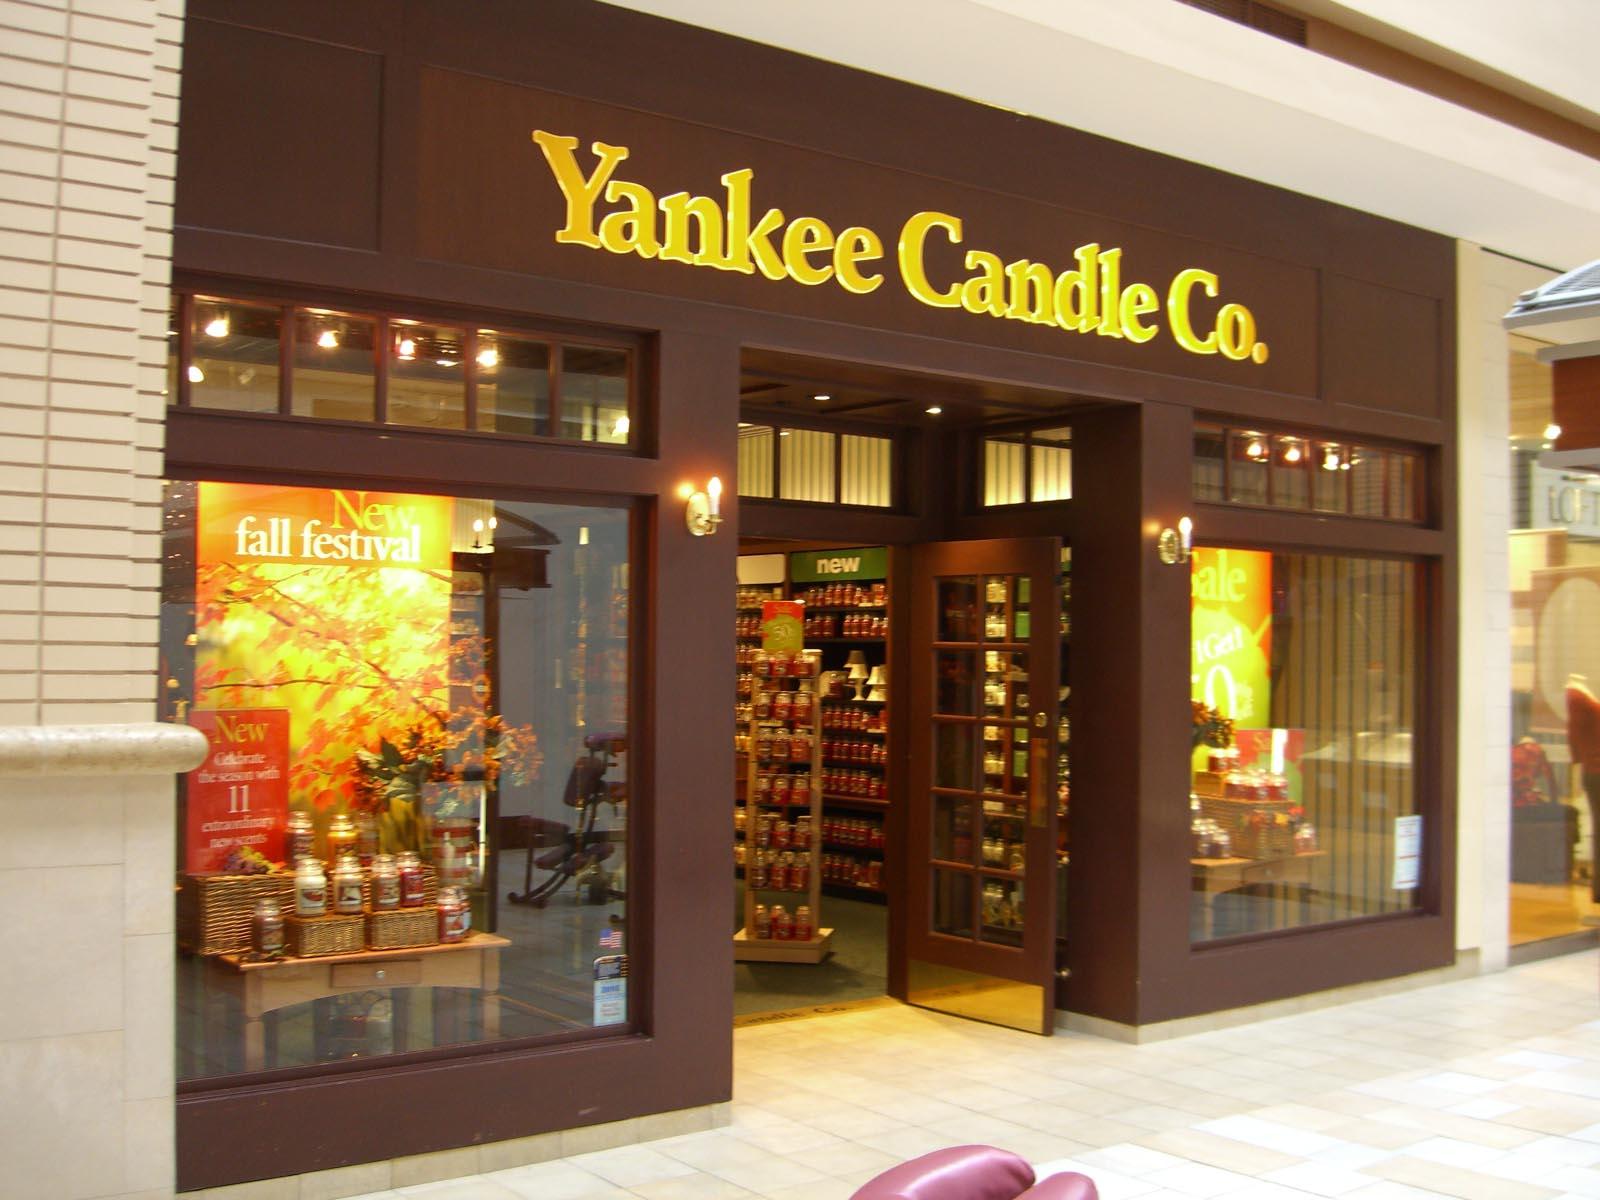 Case Study: A Candle Shop